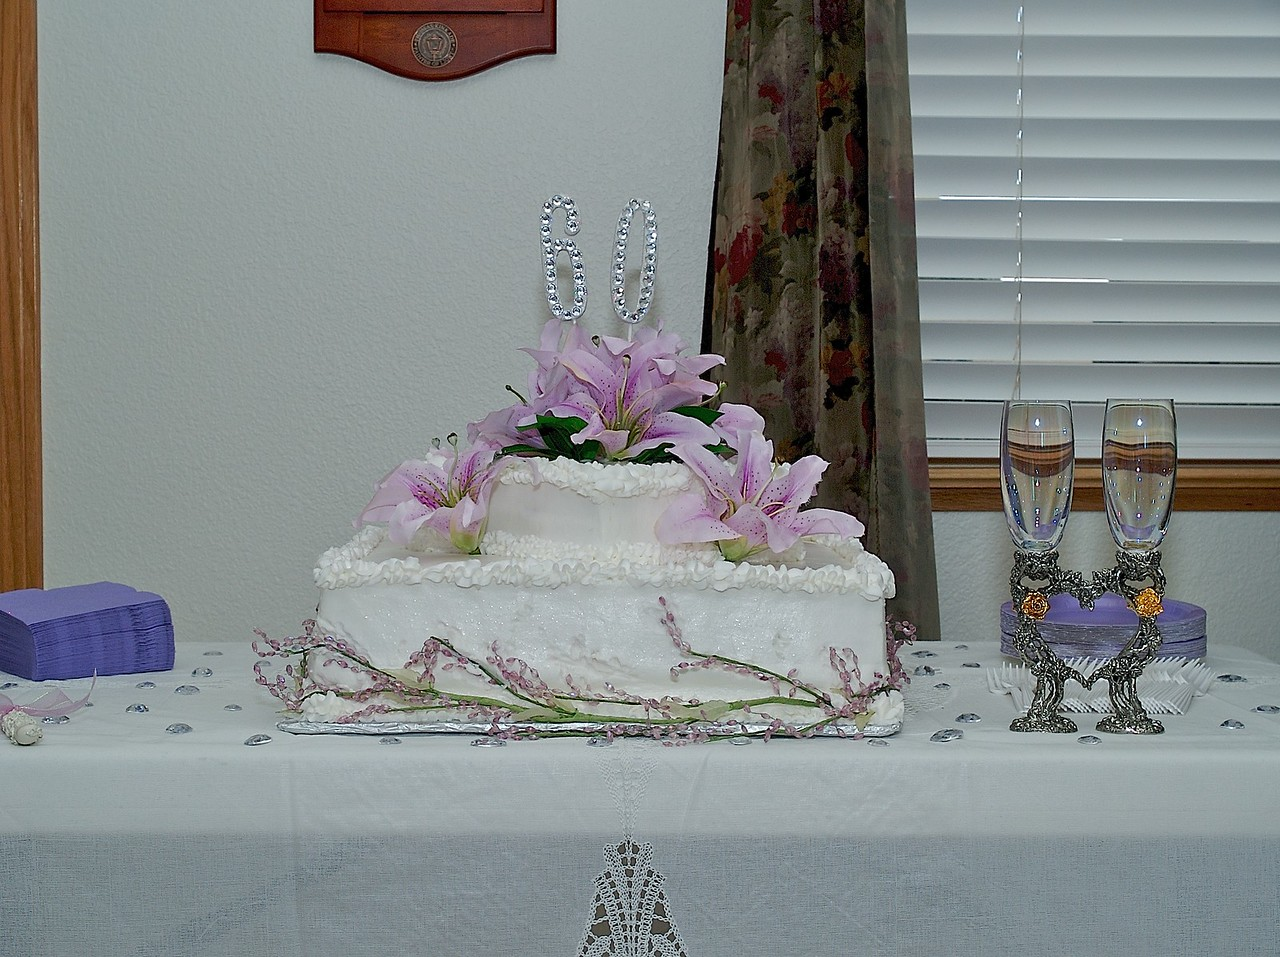 Tony's grandparent's anniversary cake.